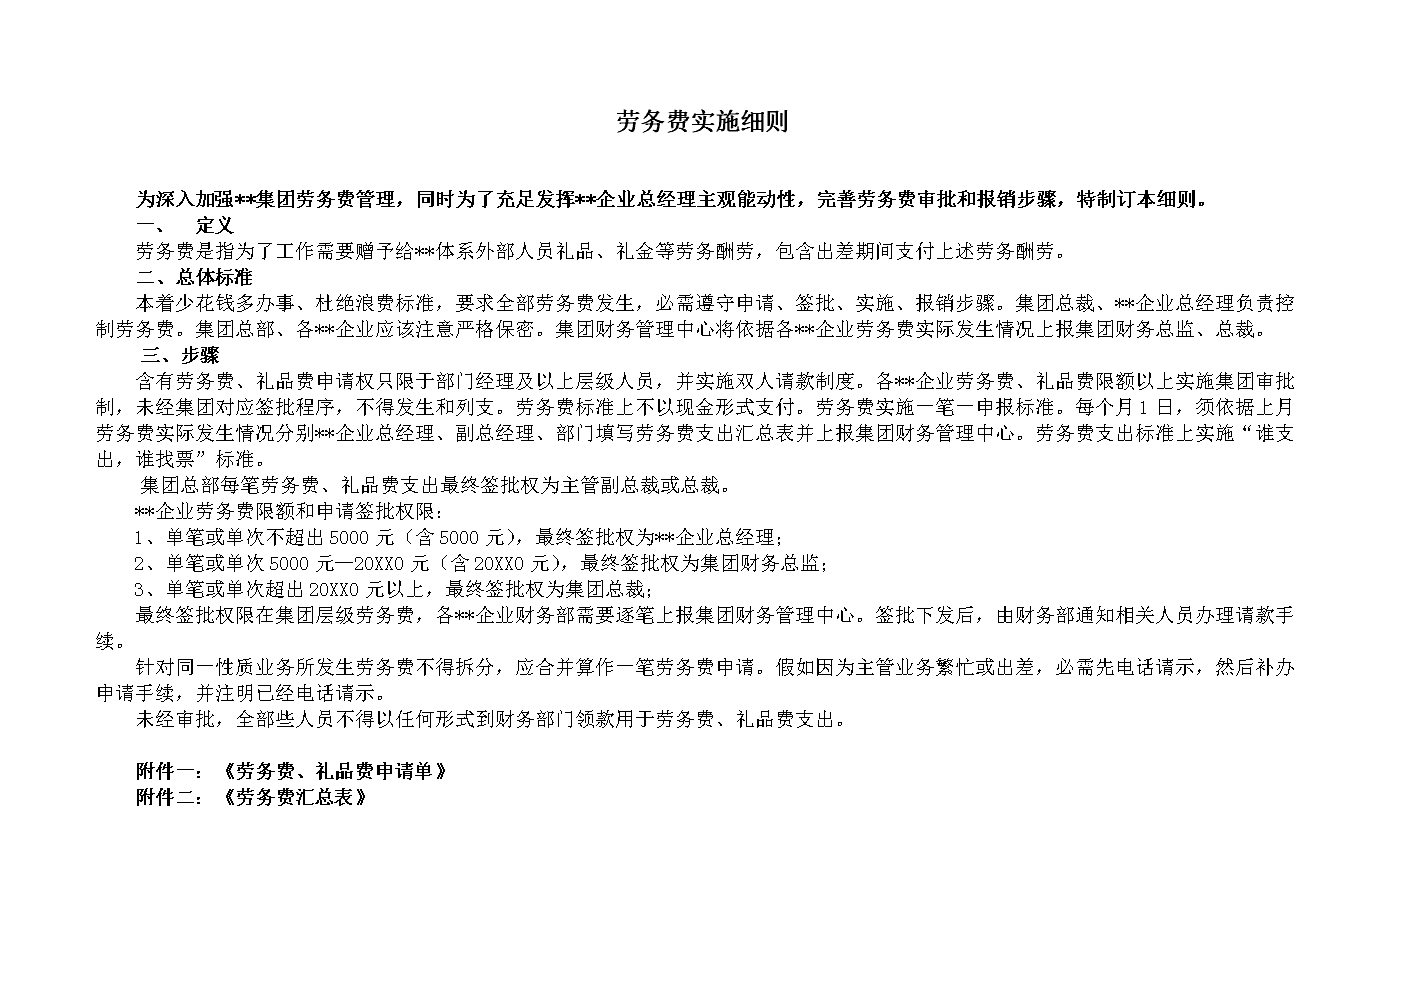 公司劳务费用管理实施工作细则.doc